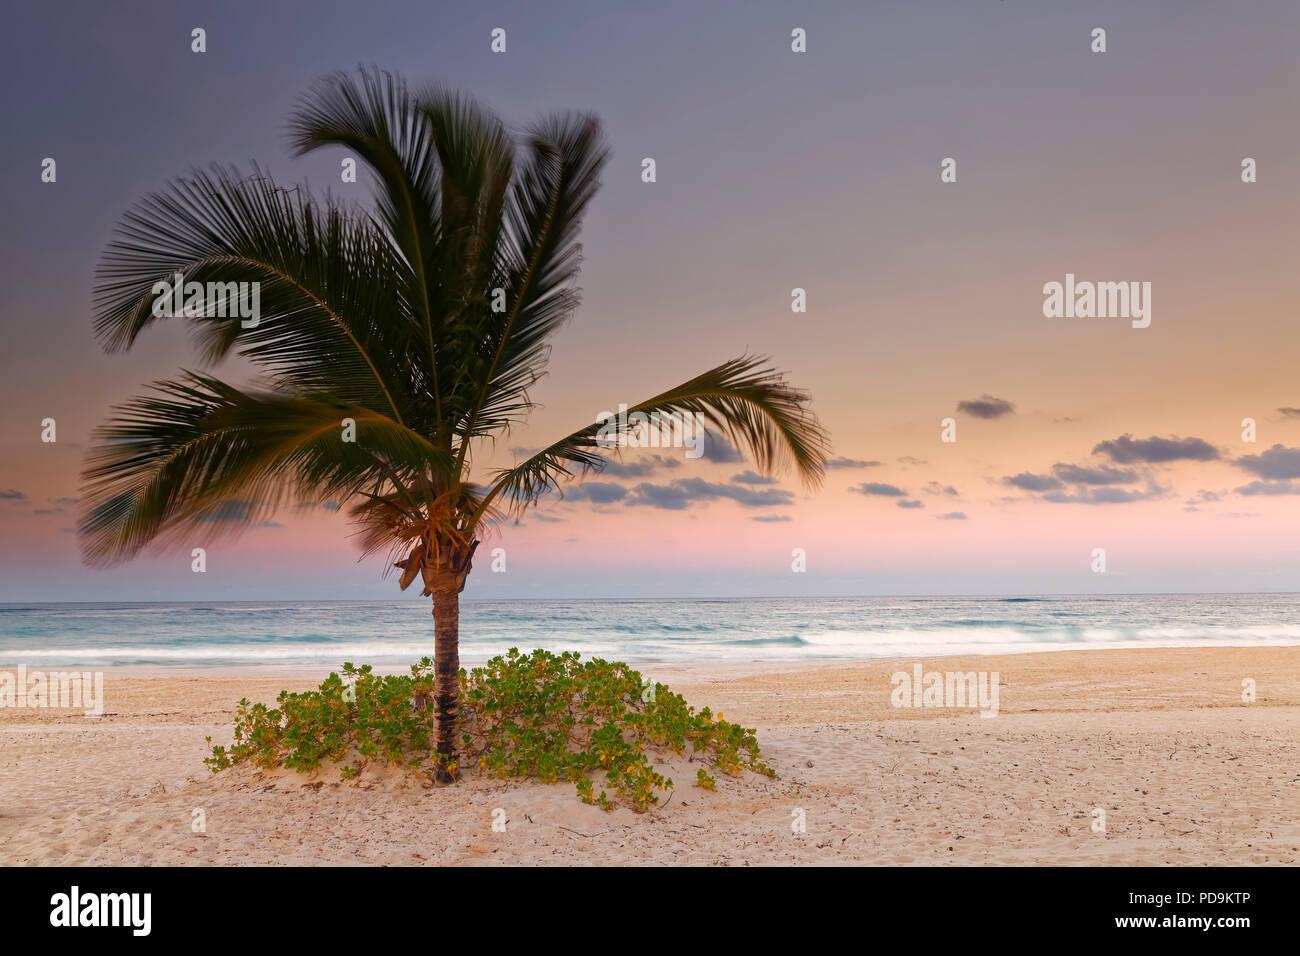 Atardecer en la playa de arena con palmeras, Playa Bávaro, Punta Cana, República Dominicana Imagen De Stock